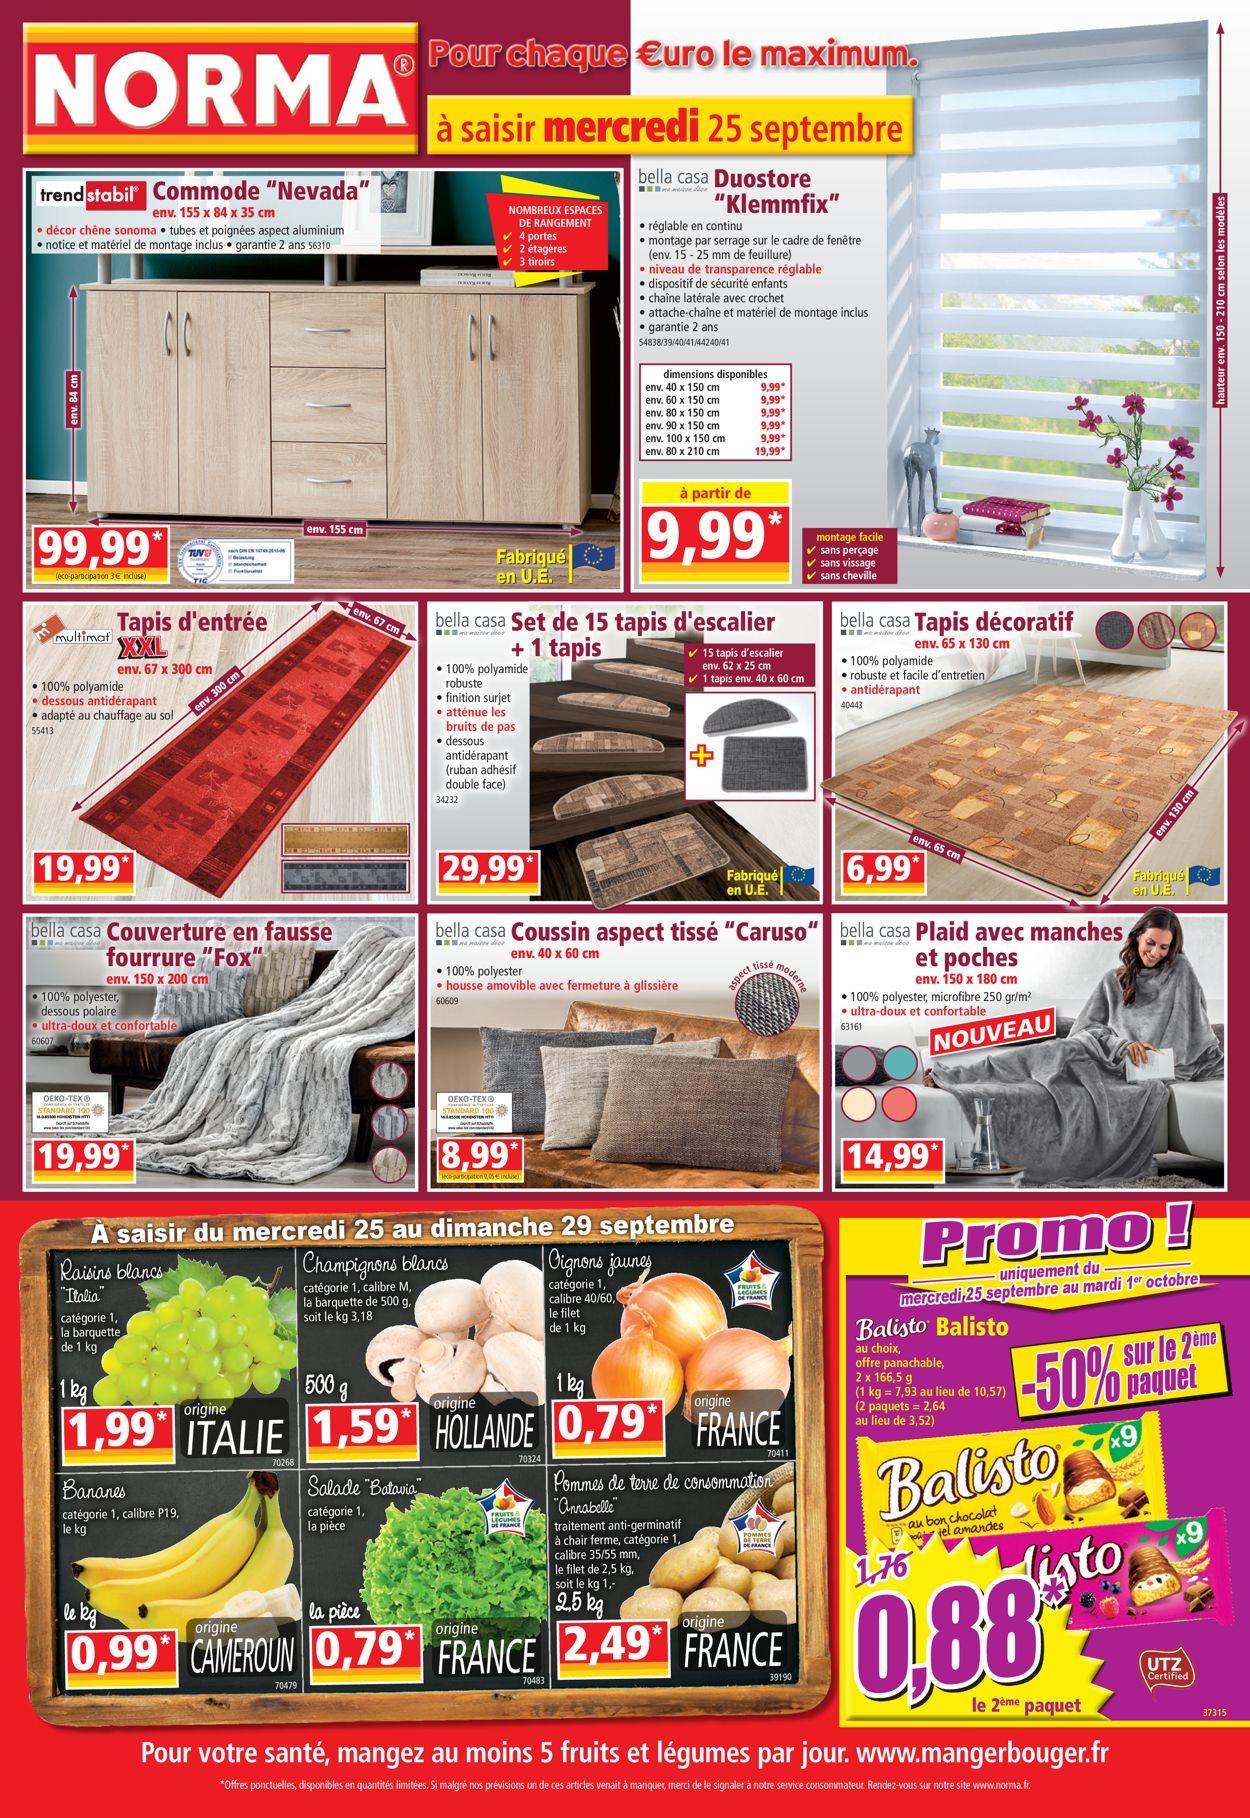 Norma Catalogue - 25.09-01.10.2019